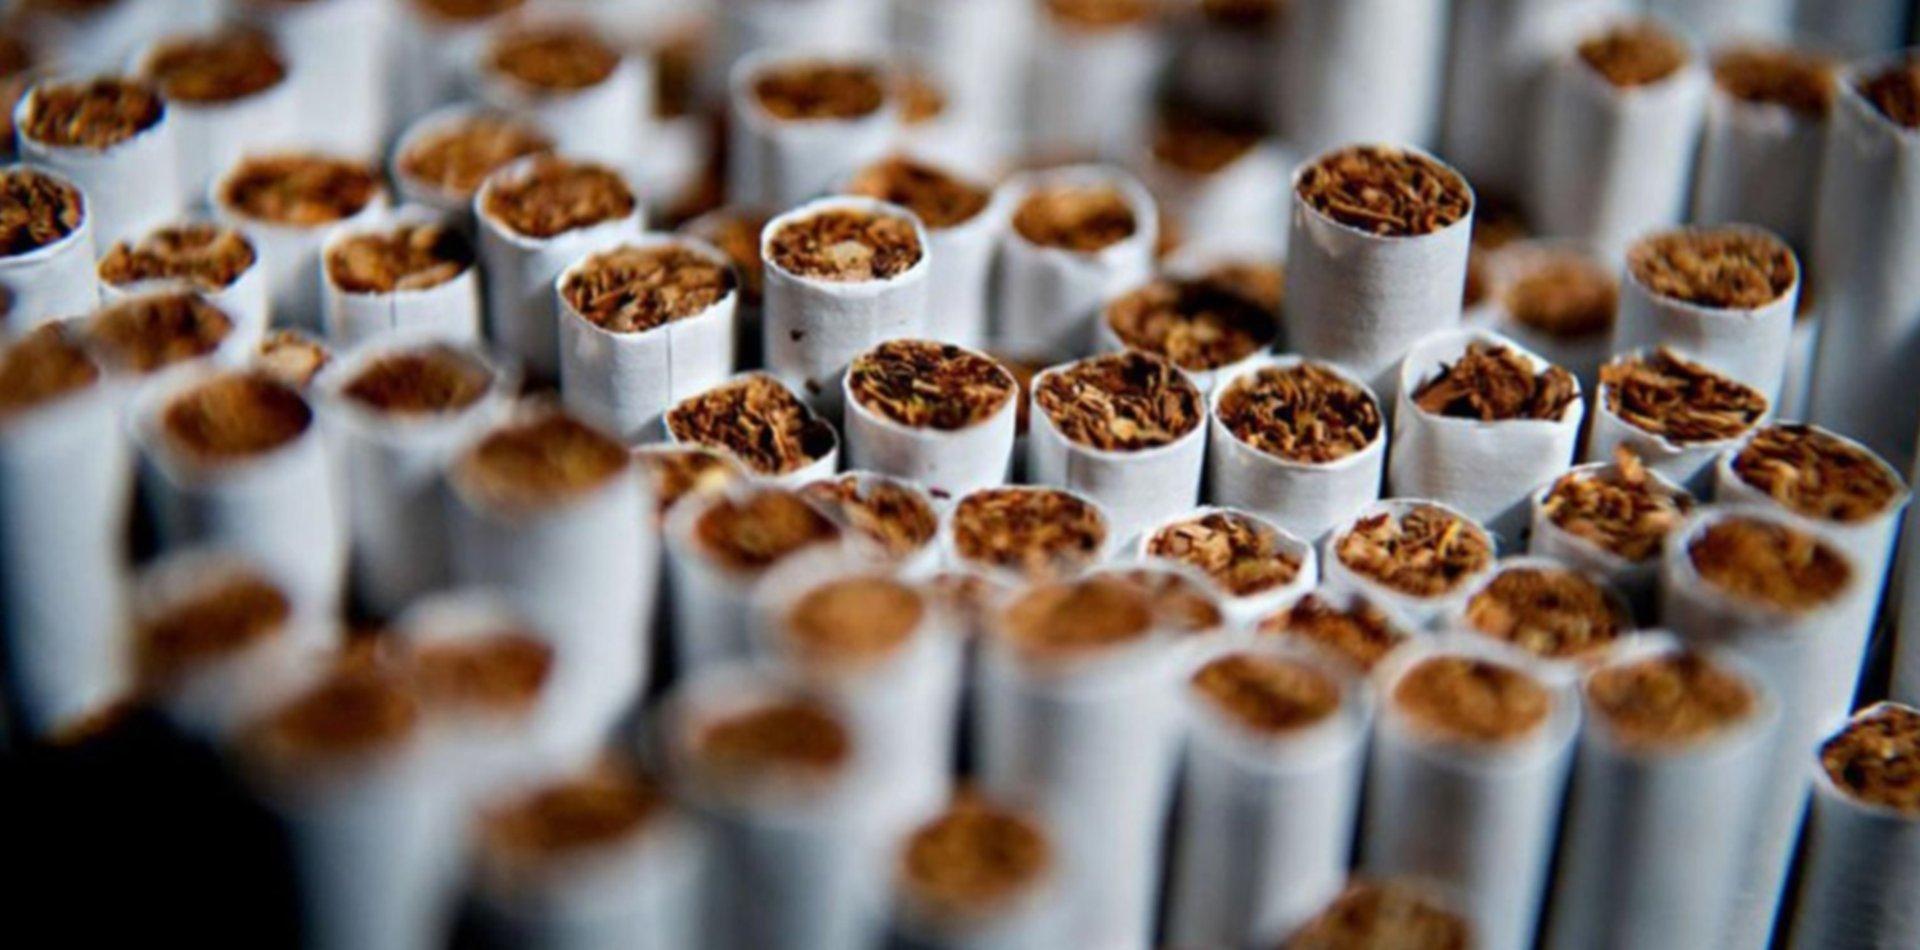 Cigarrillos más caros: las tabacaleras aplicaron aumentos del 7%